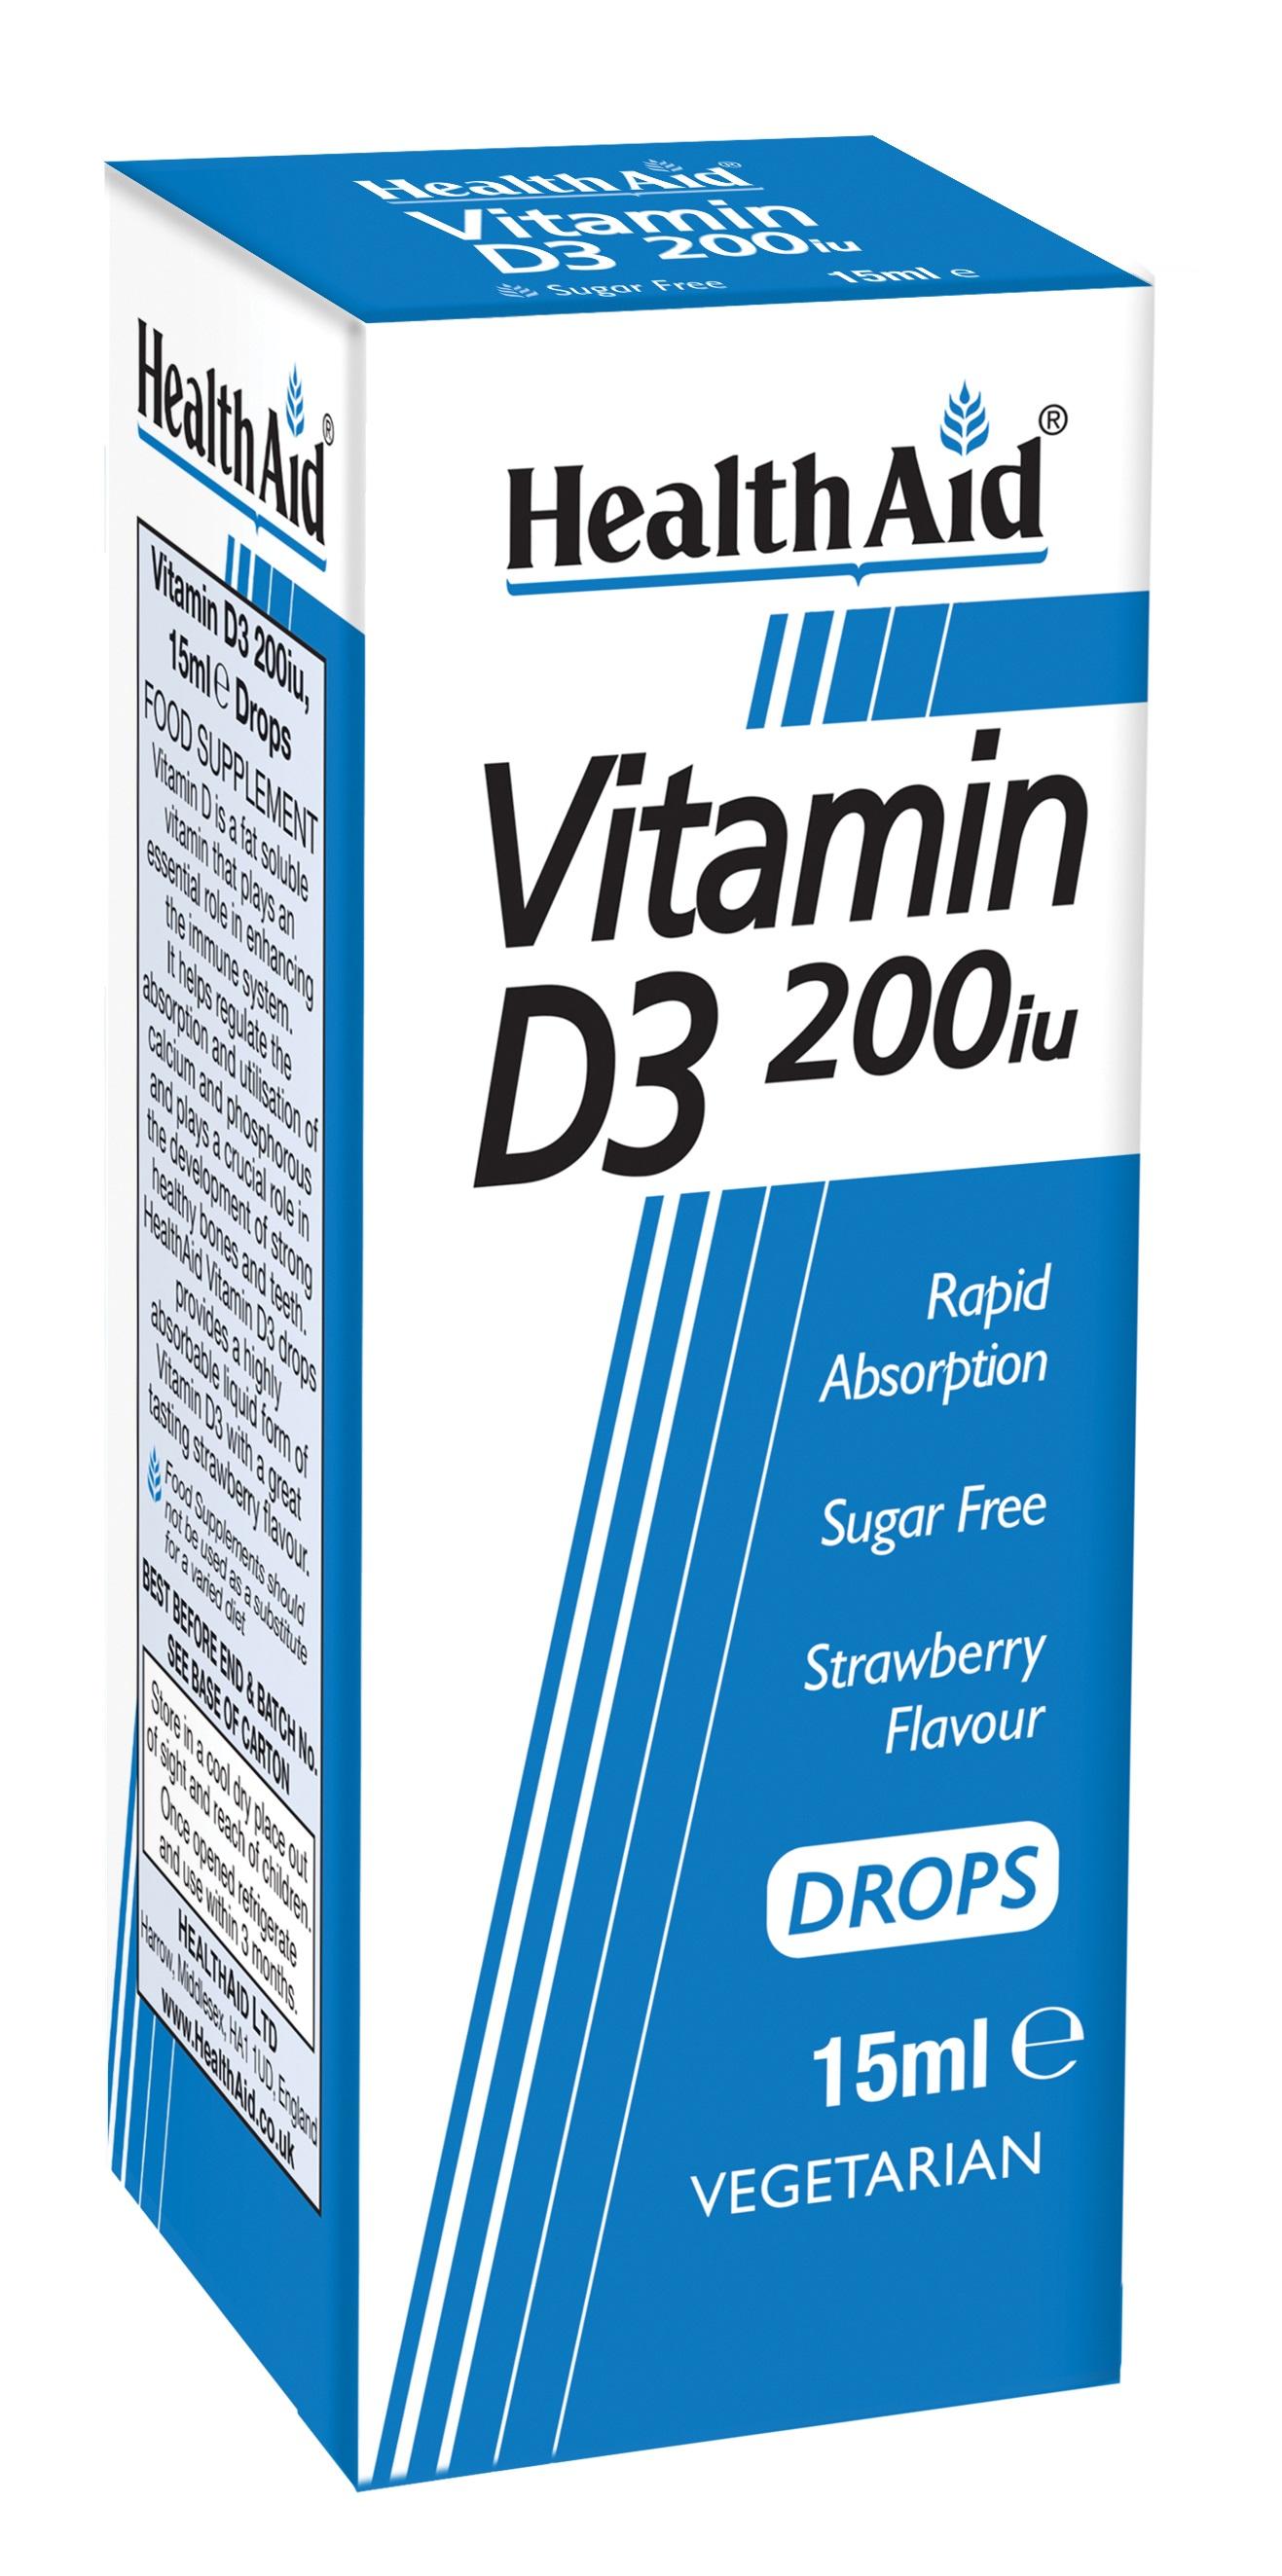 Vitamin D3 200iu Drops 15ml